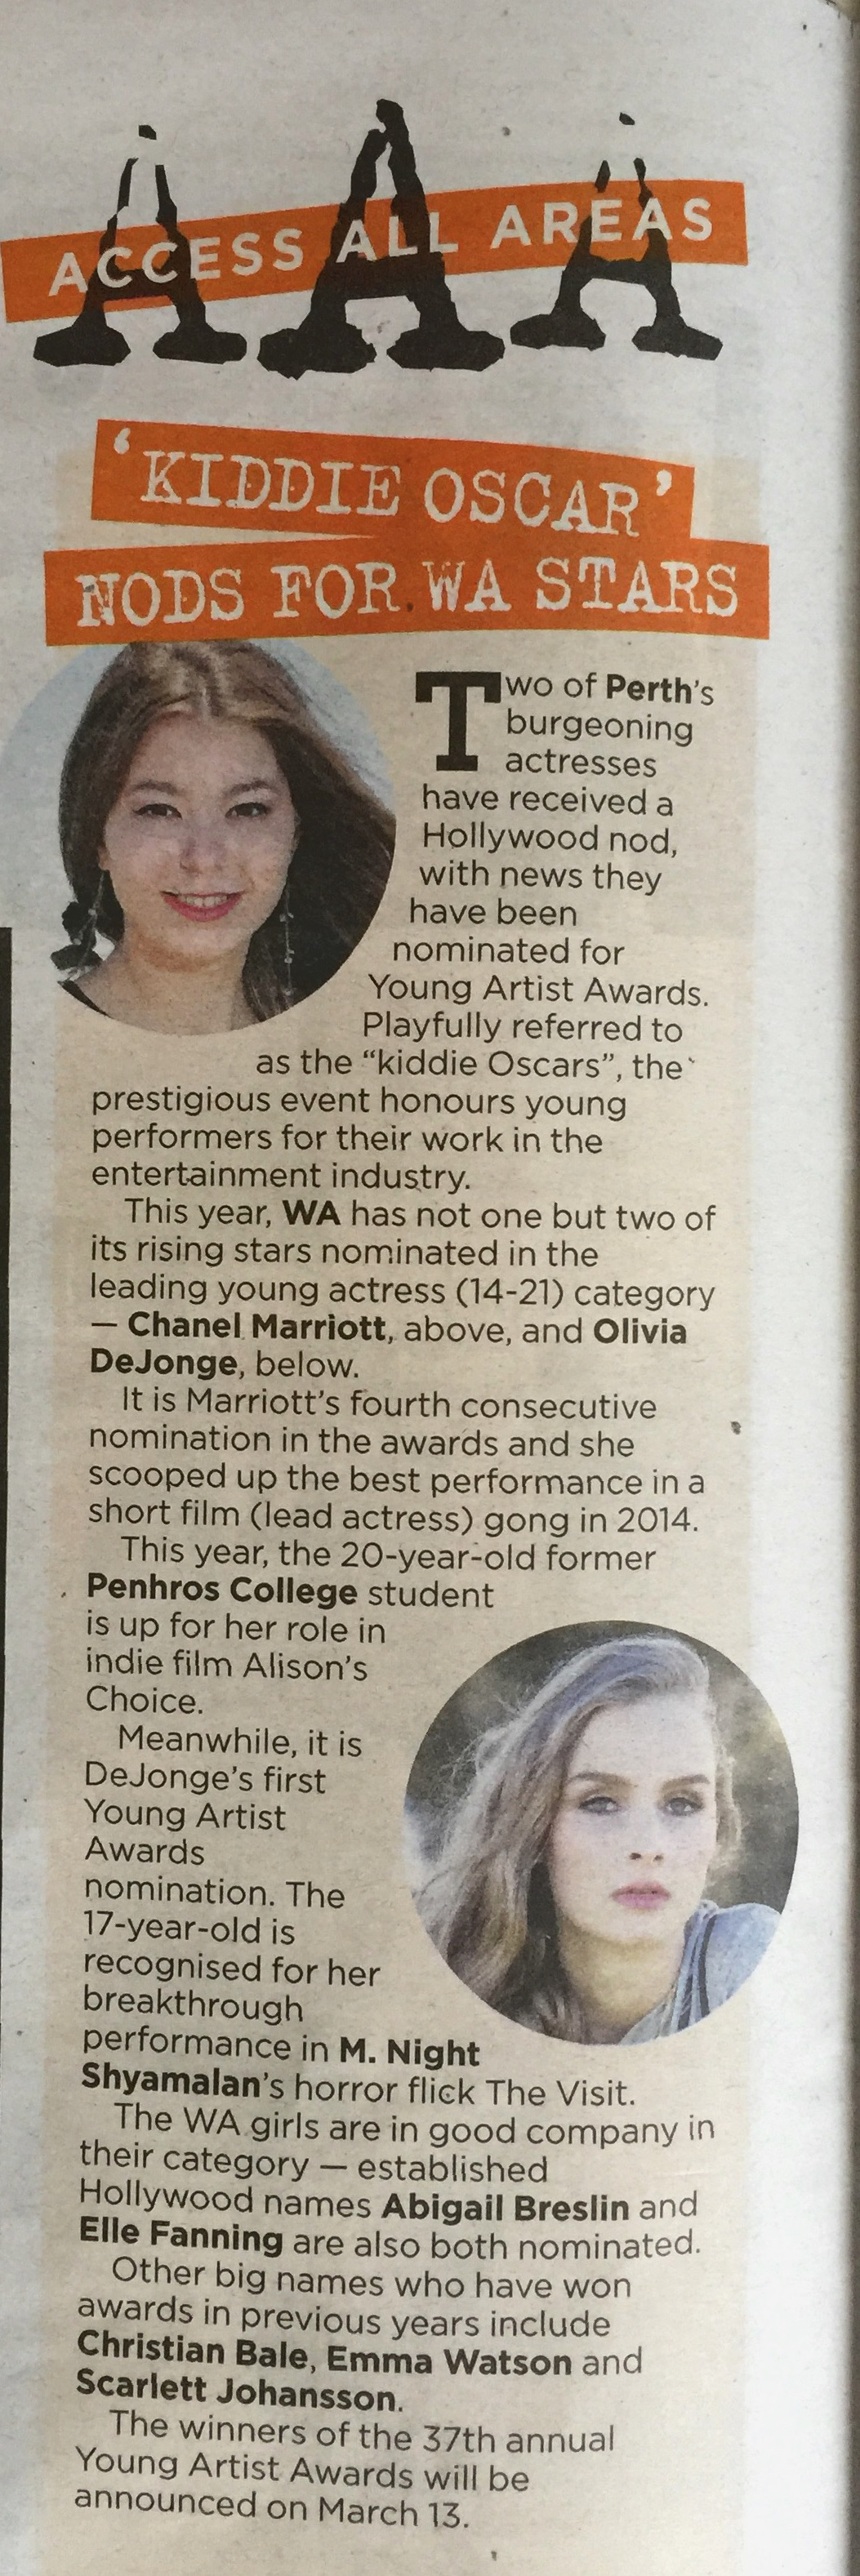 'Kiddie Oscar' nods for WA Stars